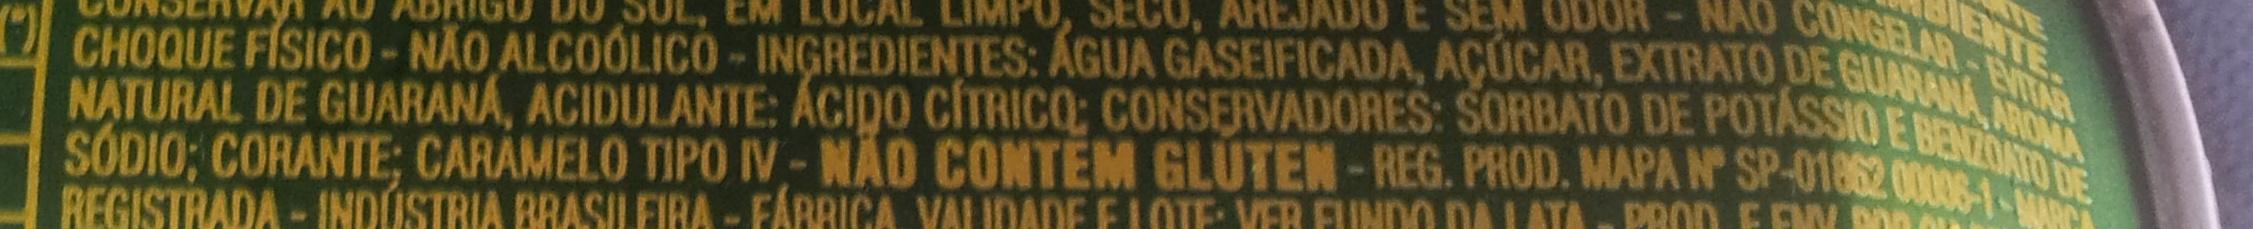 Guaraná Antartica - Ingredientes - pt